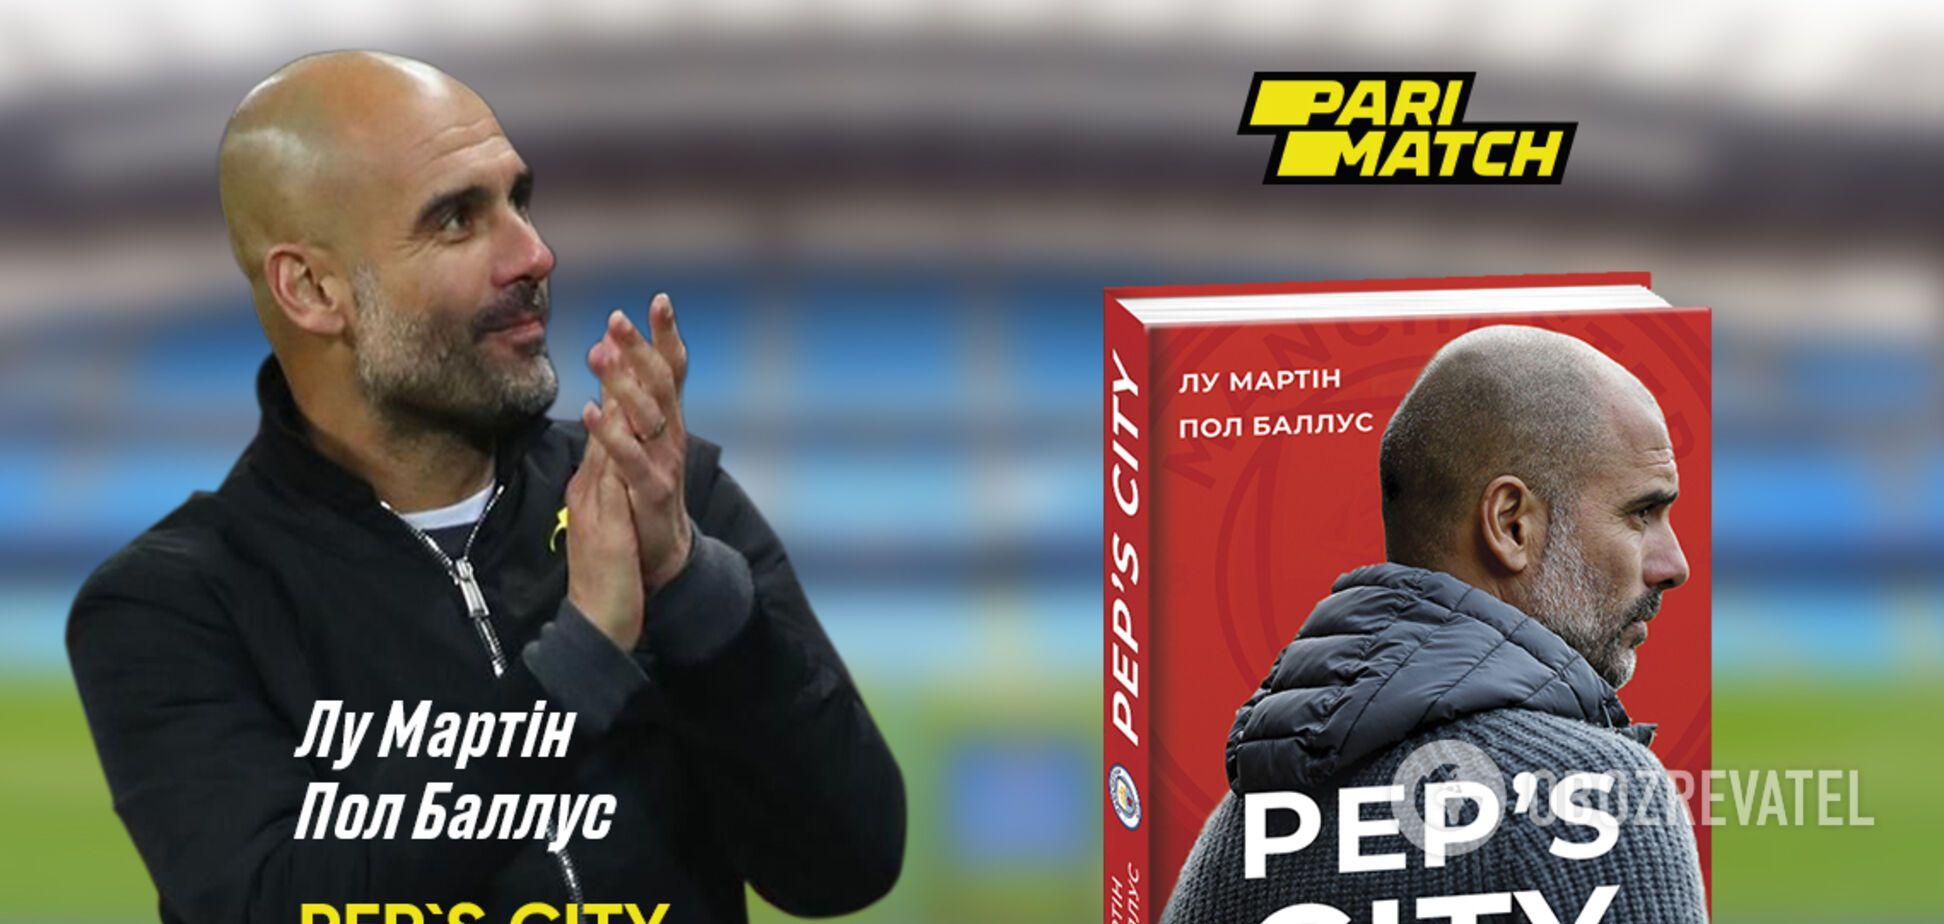 'PEP's CITY'. Новая книга о работе Гвардиолы в 'Манчестер Сити'